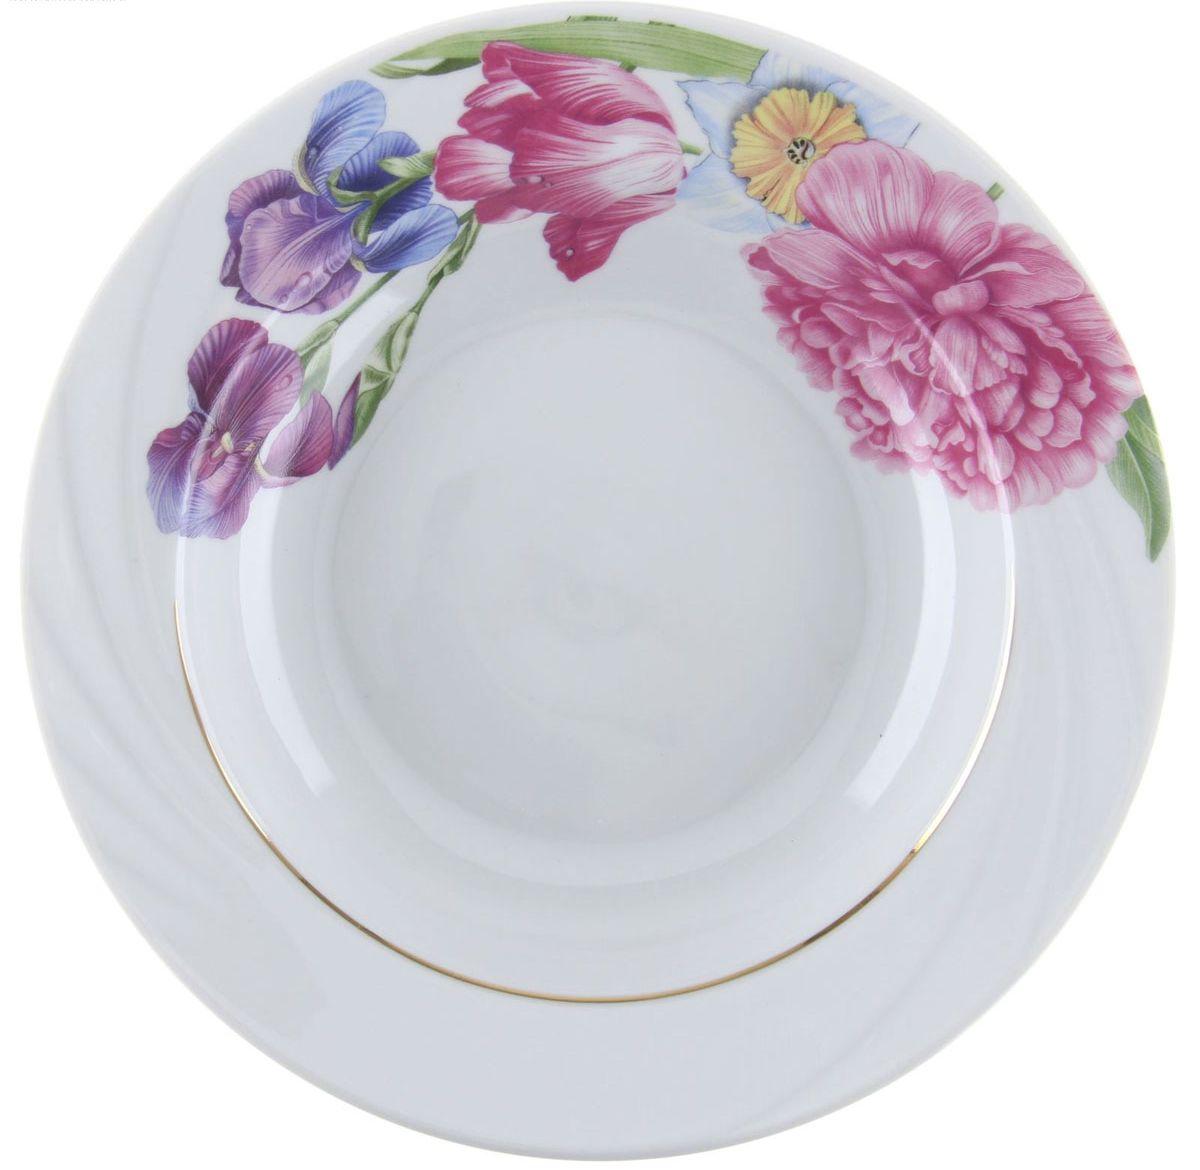 Тарелка глубокая Голубка. Английская классика, диаметр 20 см1303871Глубокая тарелка Голубка. Английская классика выполнена из высококачественного фарфора и украшена ярким рисунком. Она прекрасно впишется в интерьер вашей кухни и станет достойным дополнением к кухонному инвентарю. Тарелка Голубка. Английская классика подчеркнет прекрасный вкус хозяйки и станет отличным подарком.